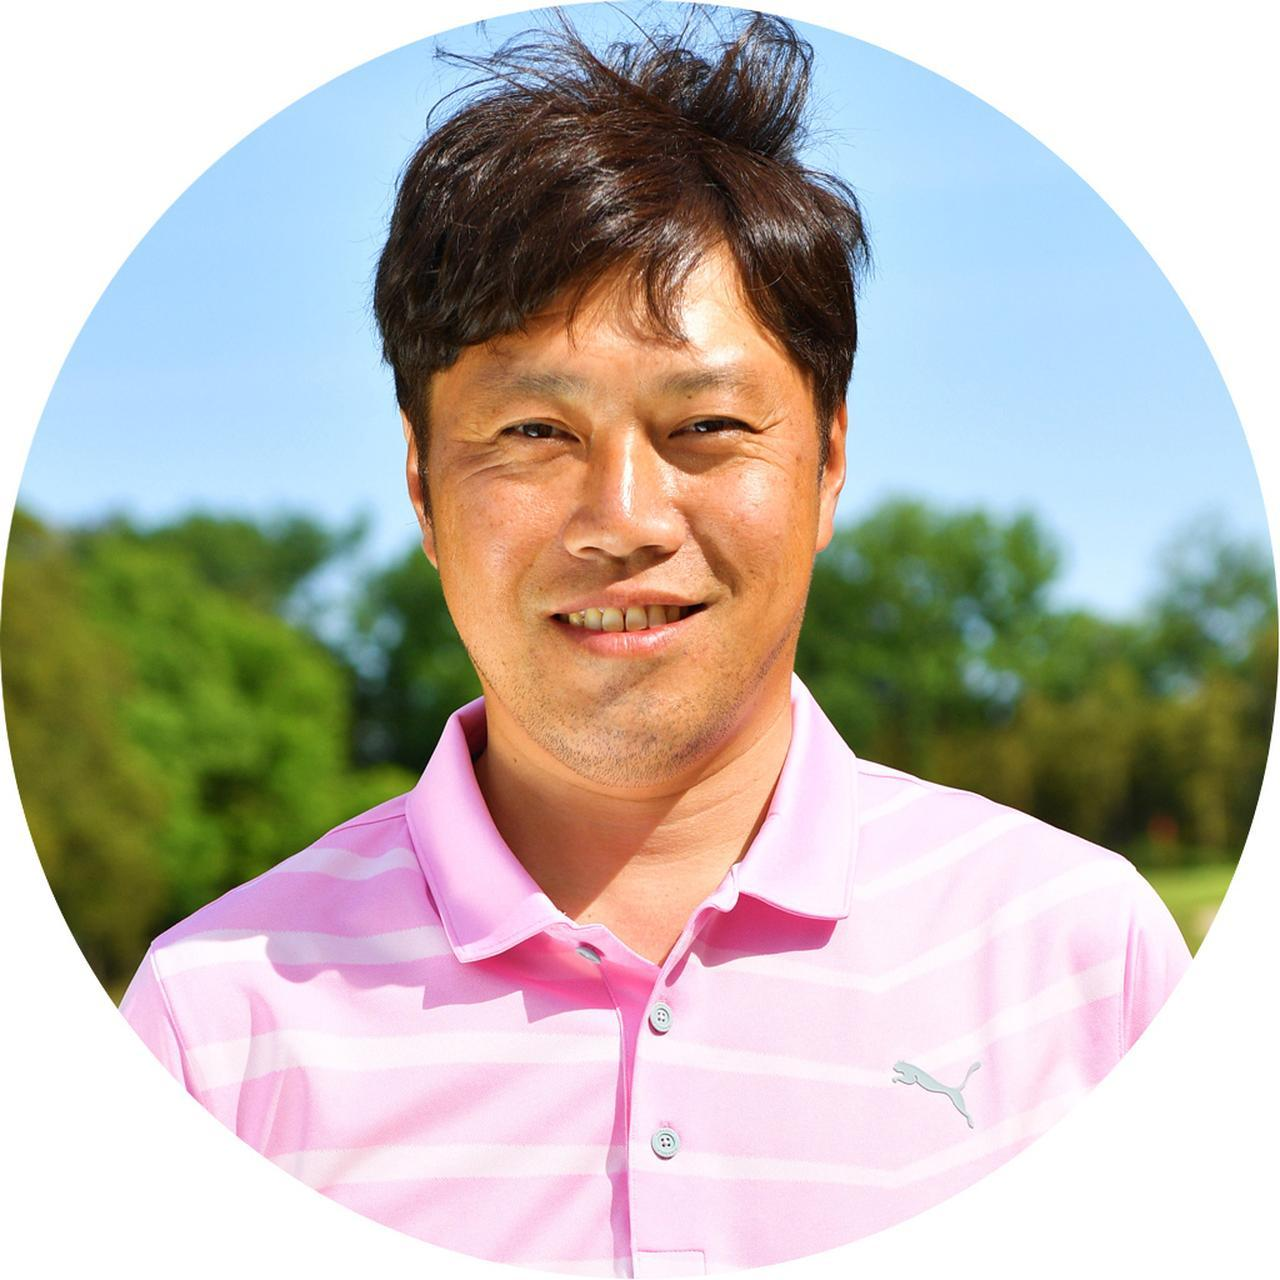 画像: 【解説】山本武史プロ やまもとたけし。TPI LEVEL2を取得。兼本貴司、廣瀬加奈と鈴木花奈などツアープロのコーチもつとめる